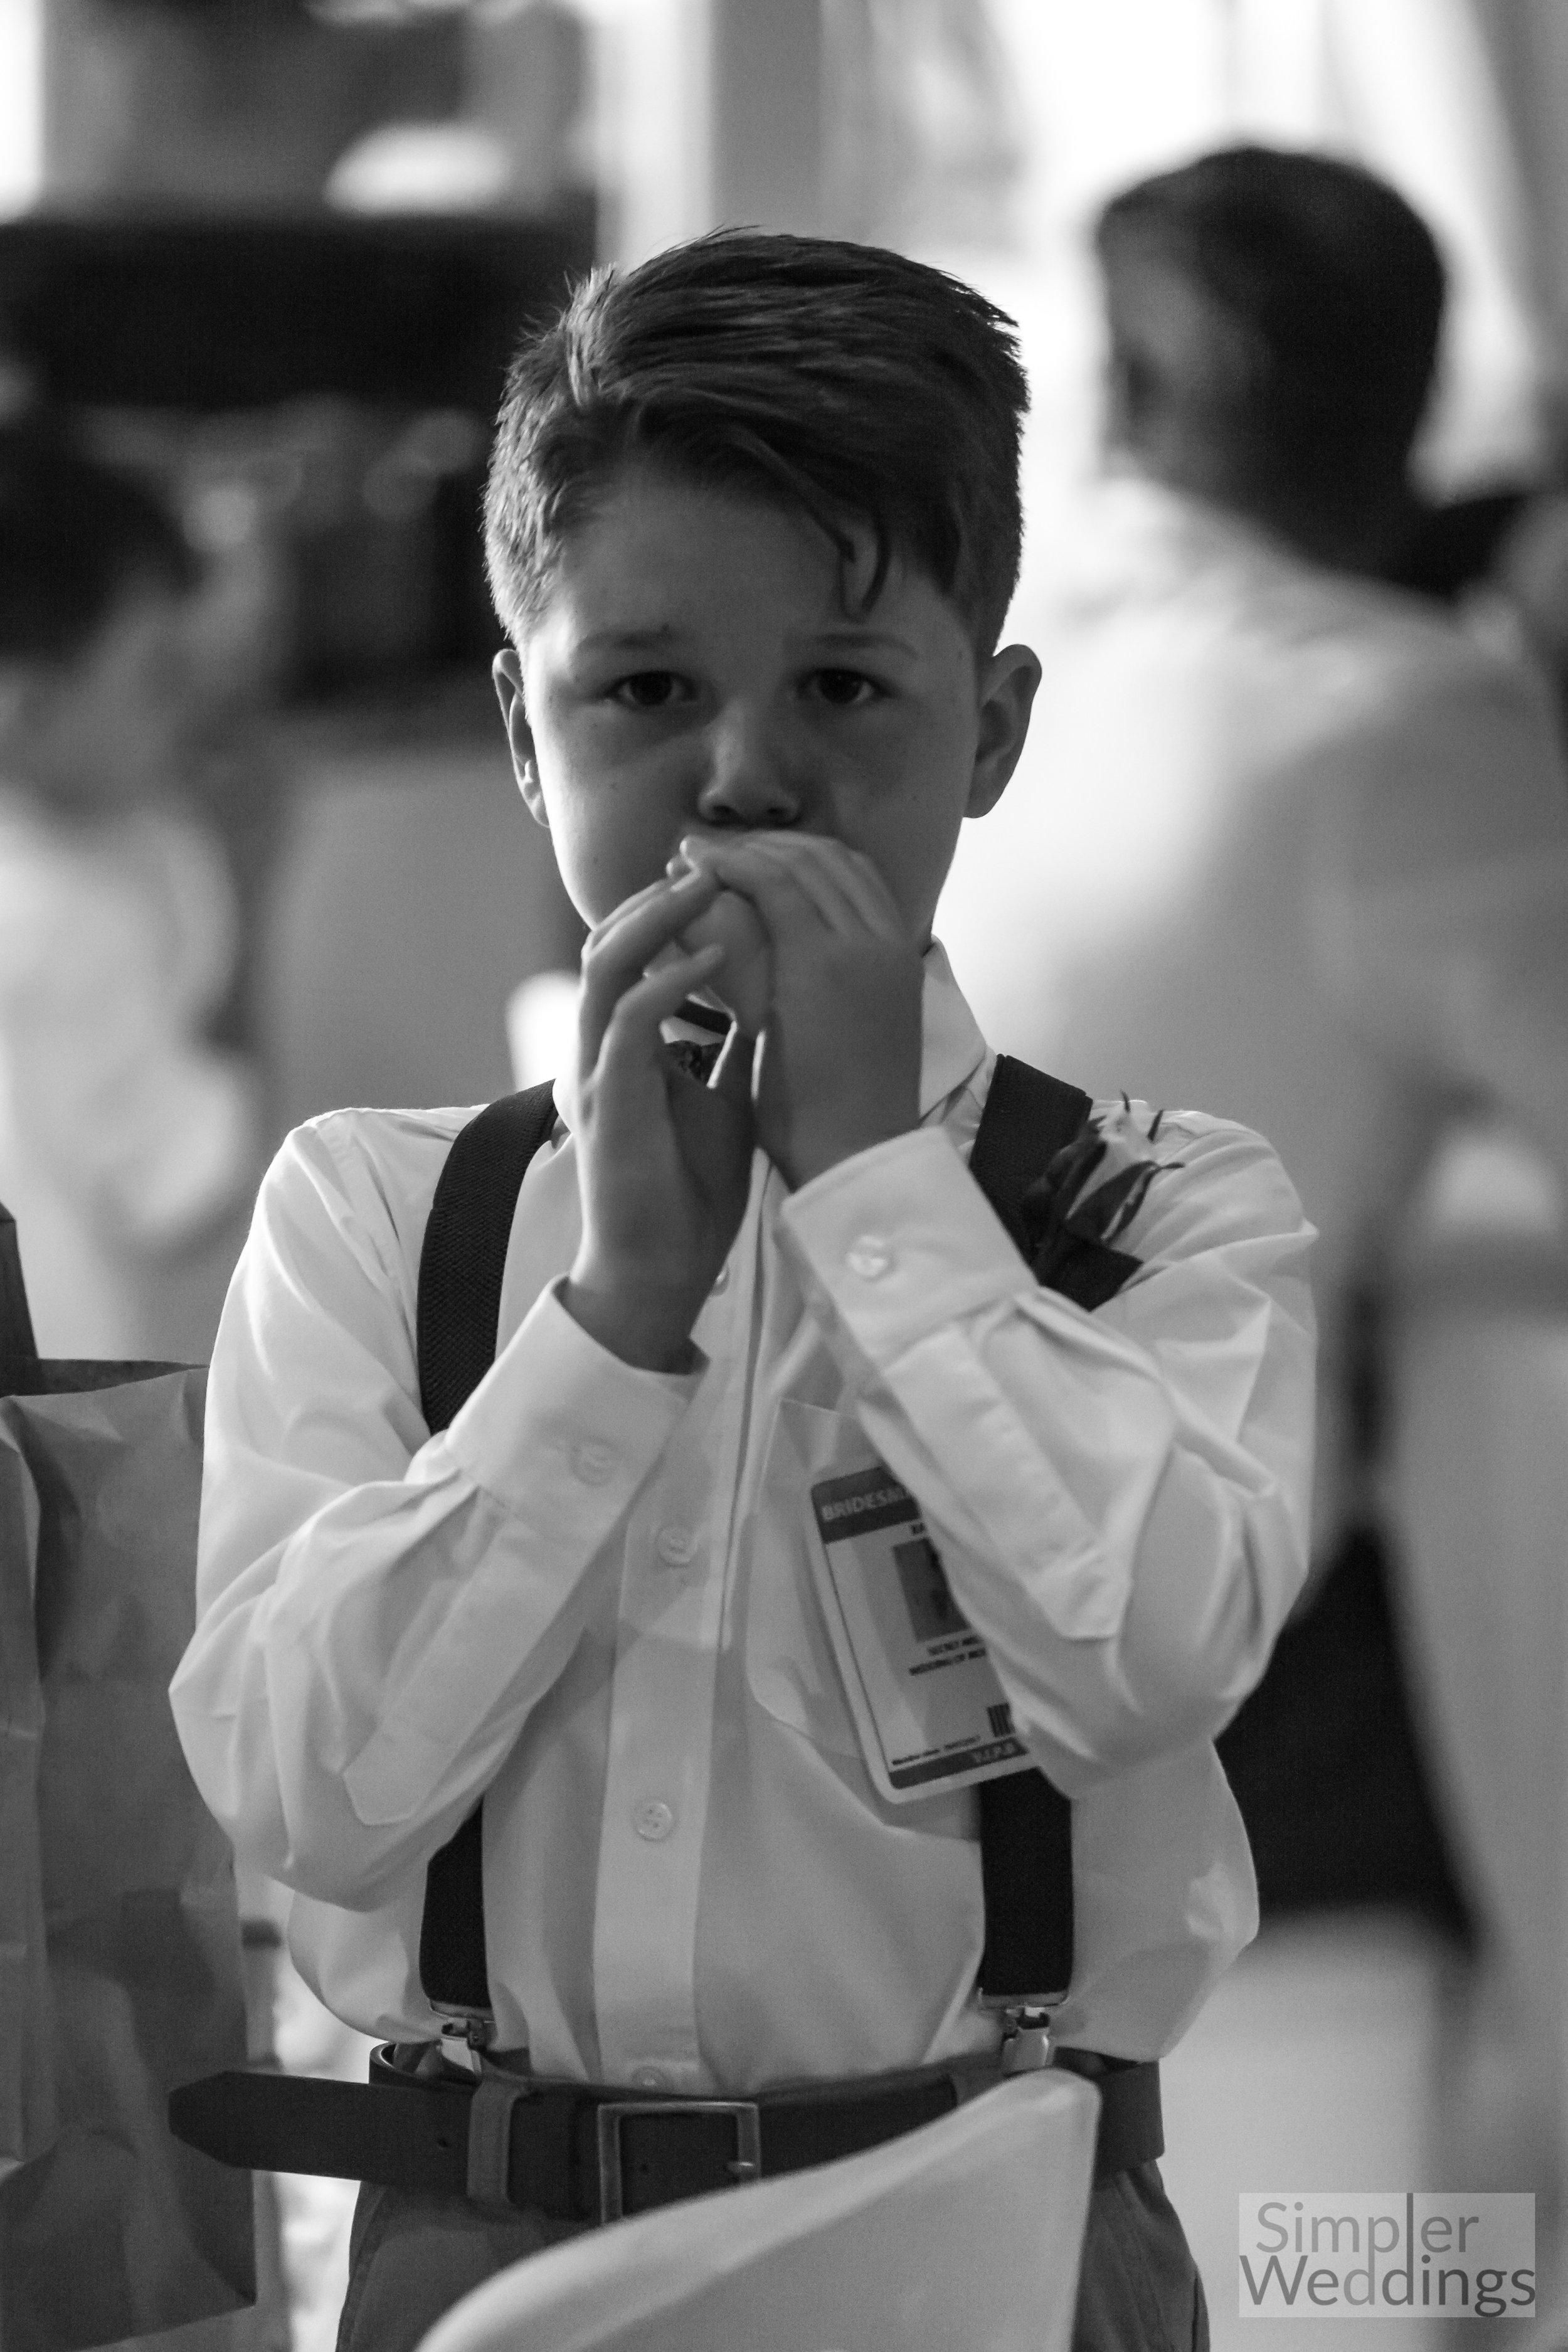 simpler-weddings-high-res-5865.jpg